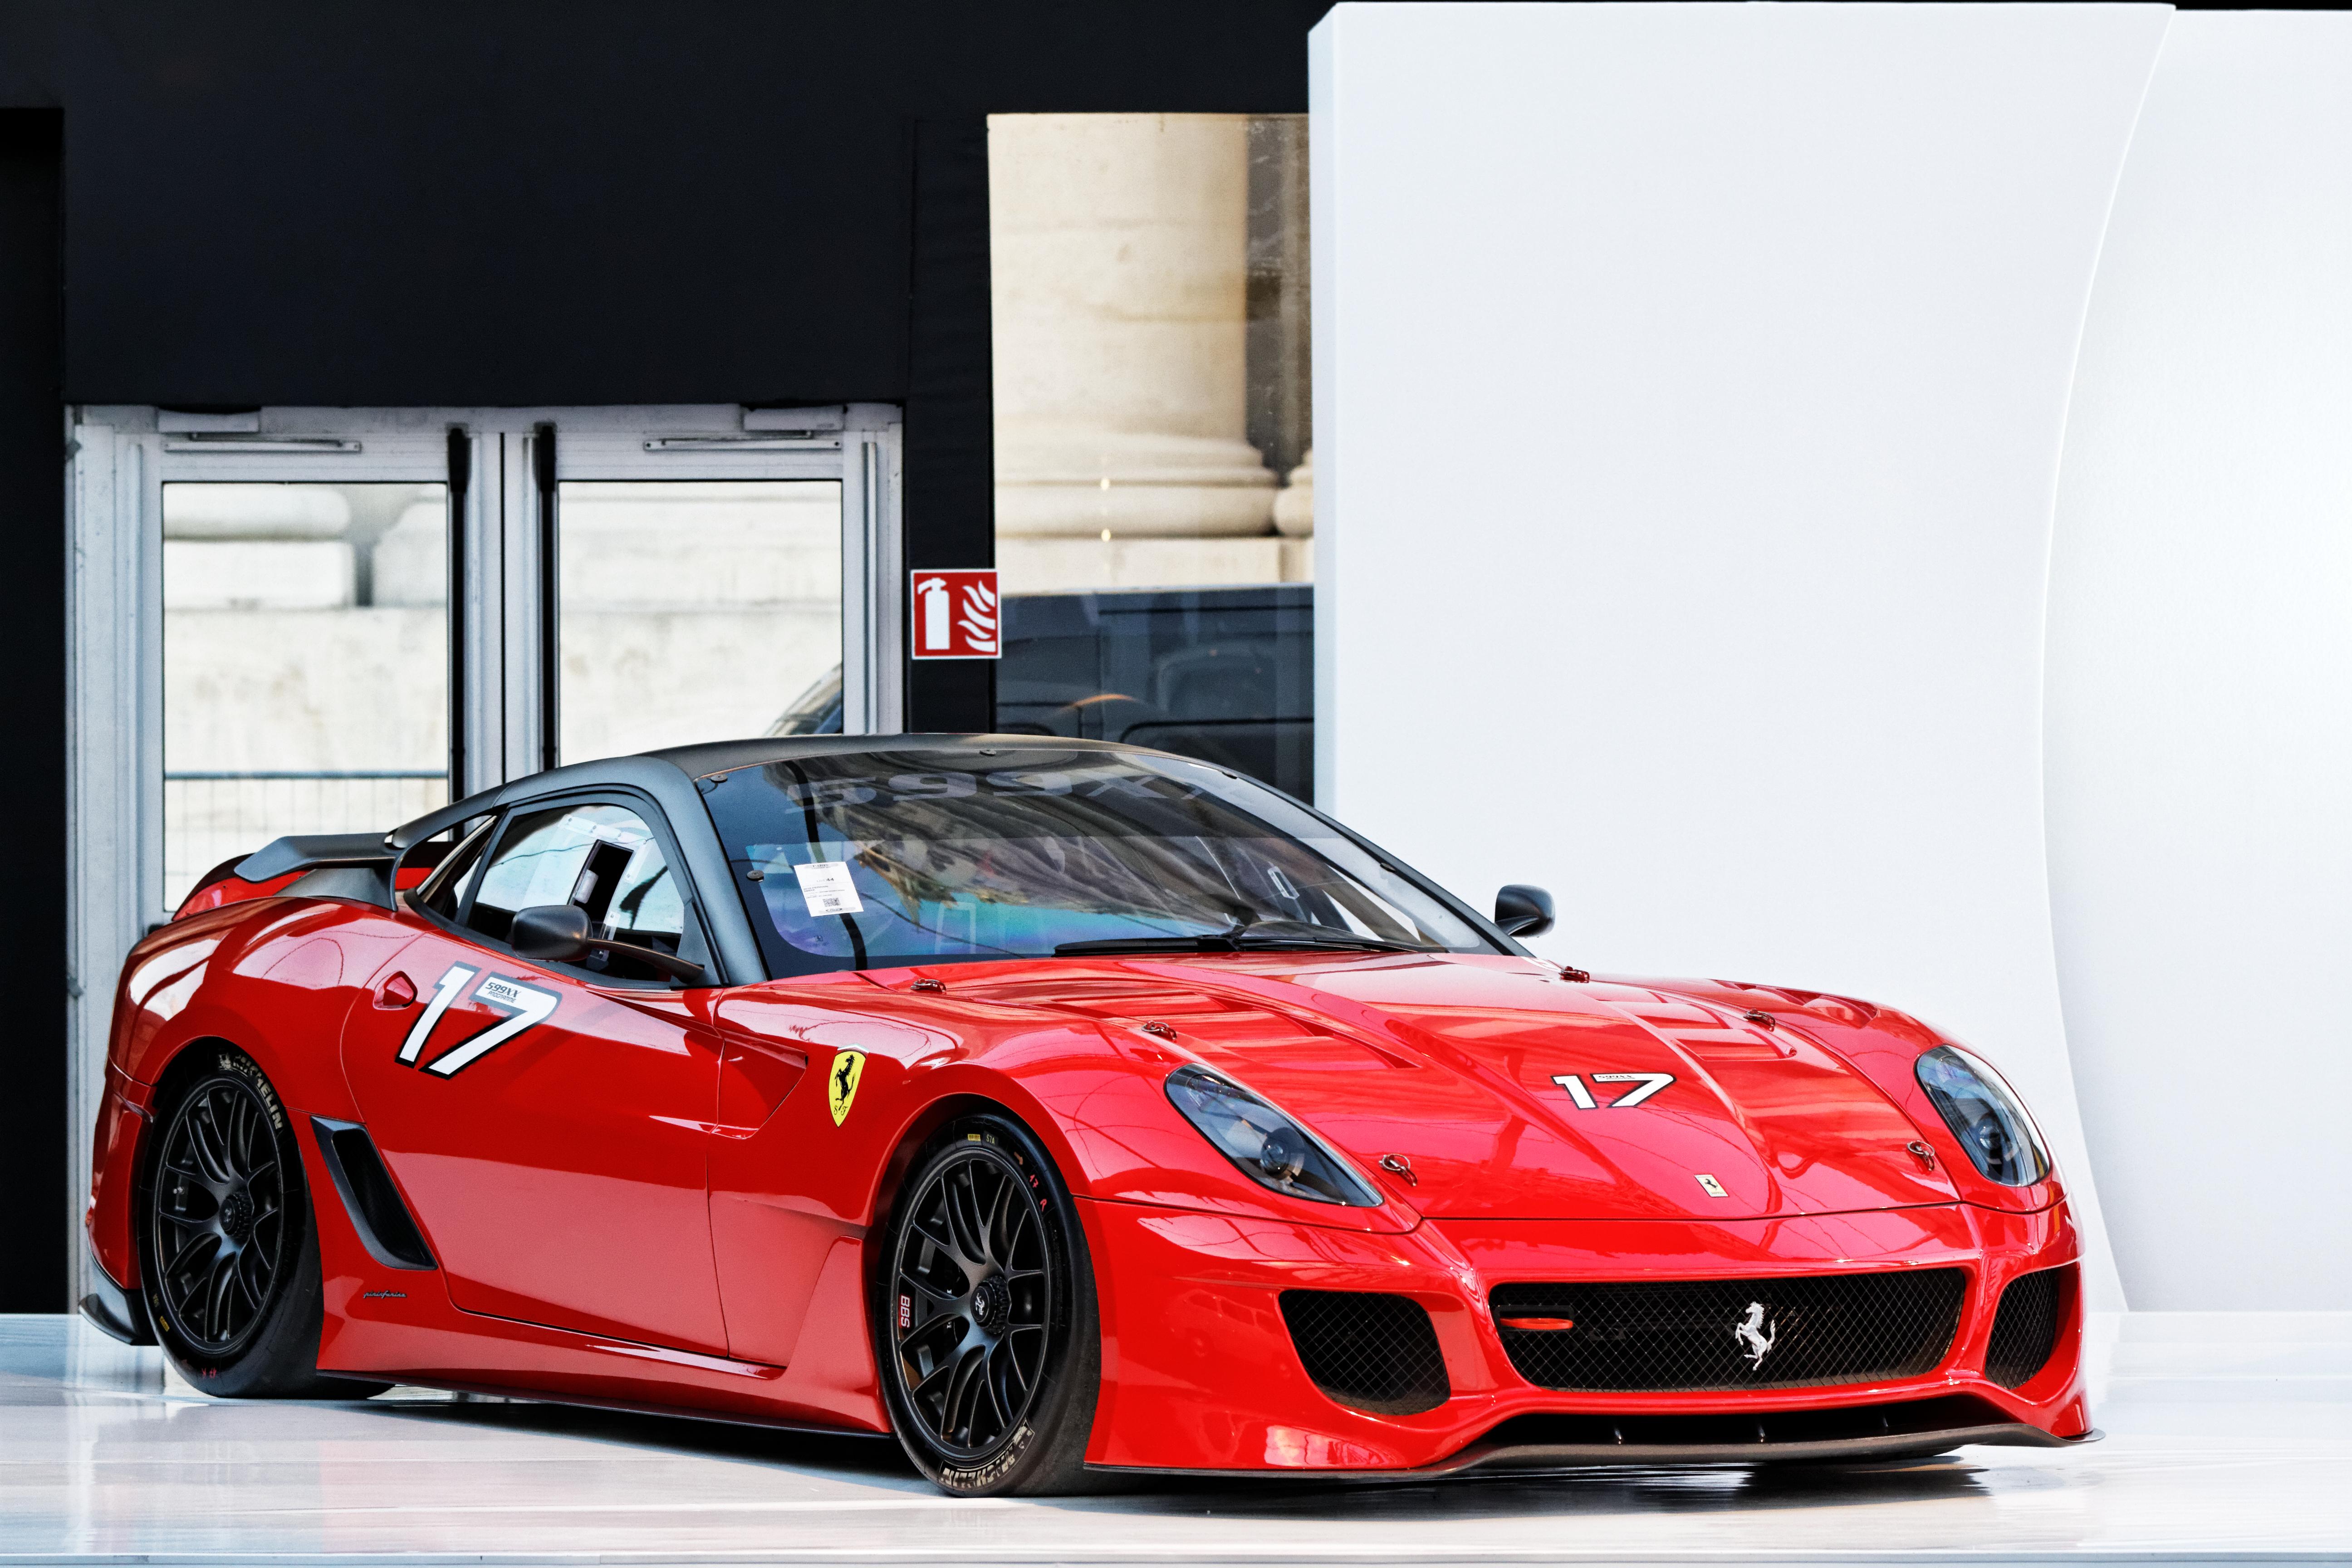 File Paris Rm Auctions 5 Février 2014 Ferrari 599xx 2010 009 Jpg Wikimedia Commons